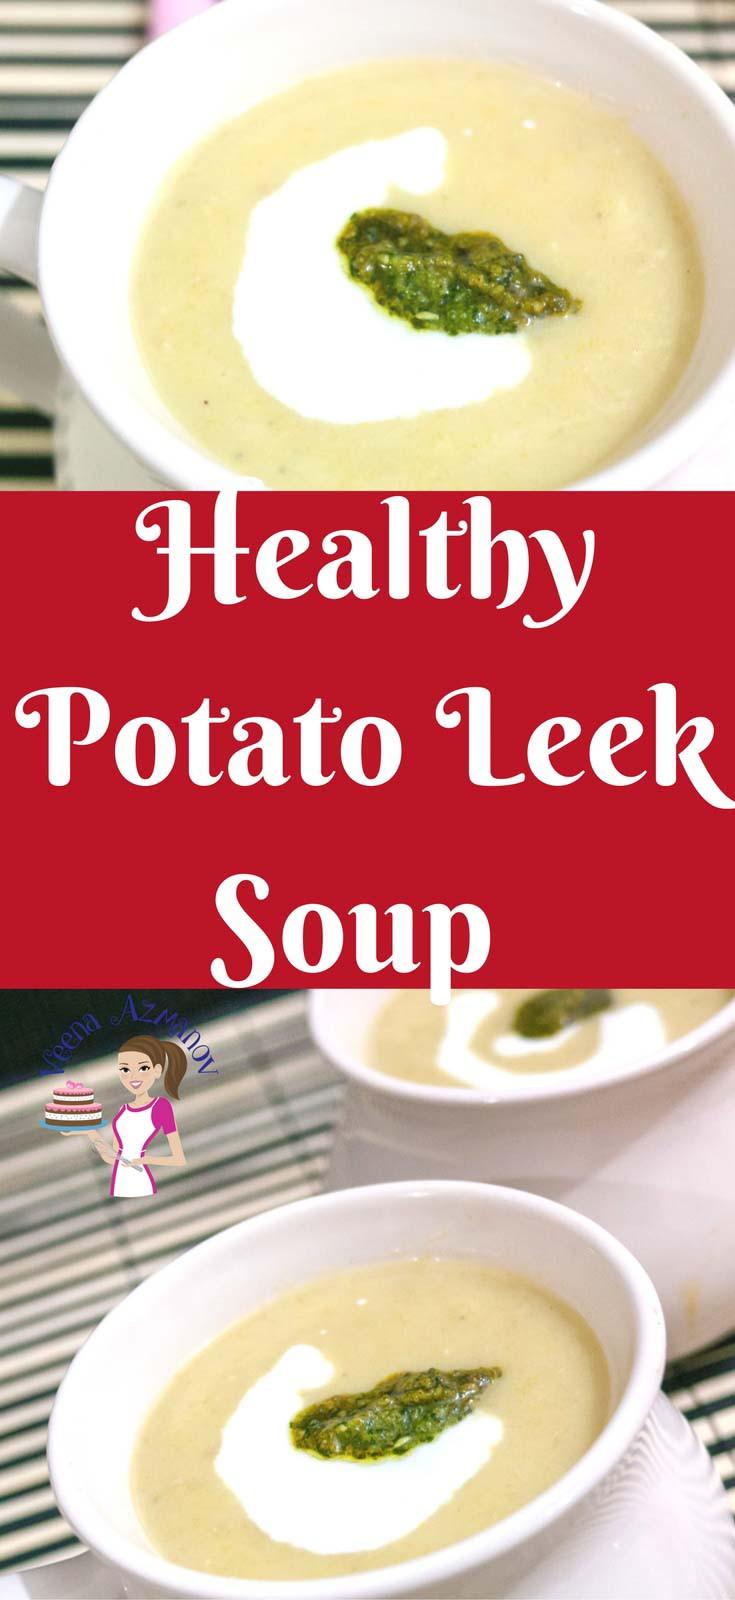 Potato Leek Soup Healthy  Healthy Potato Leek Soup Recipe aka Skinny Potato Leek